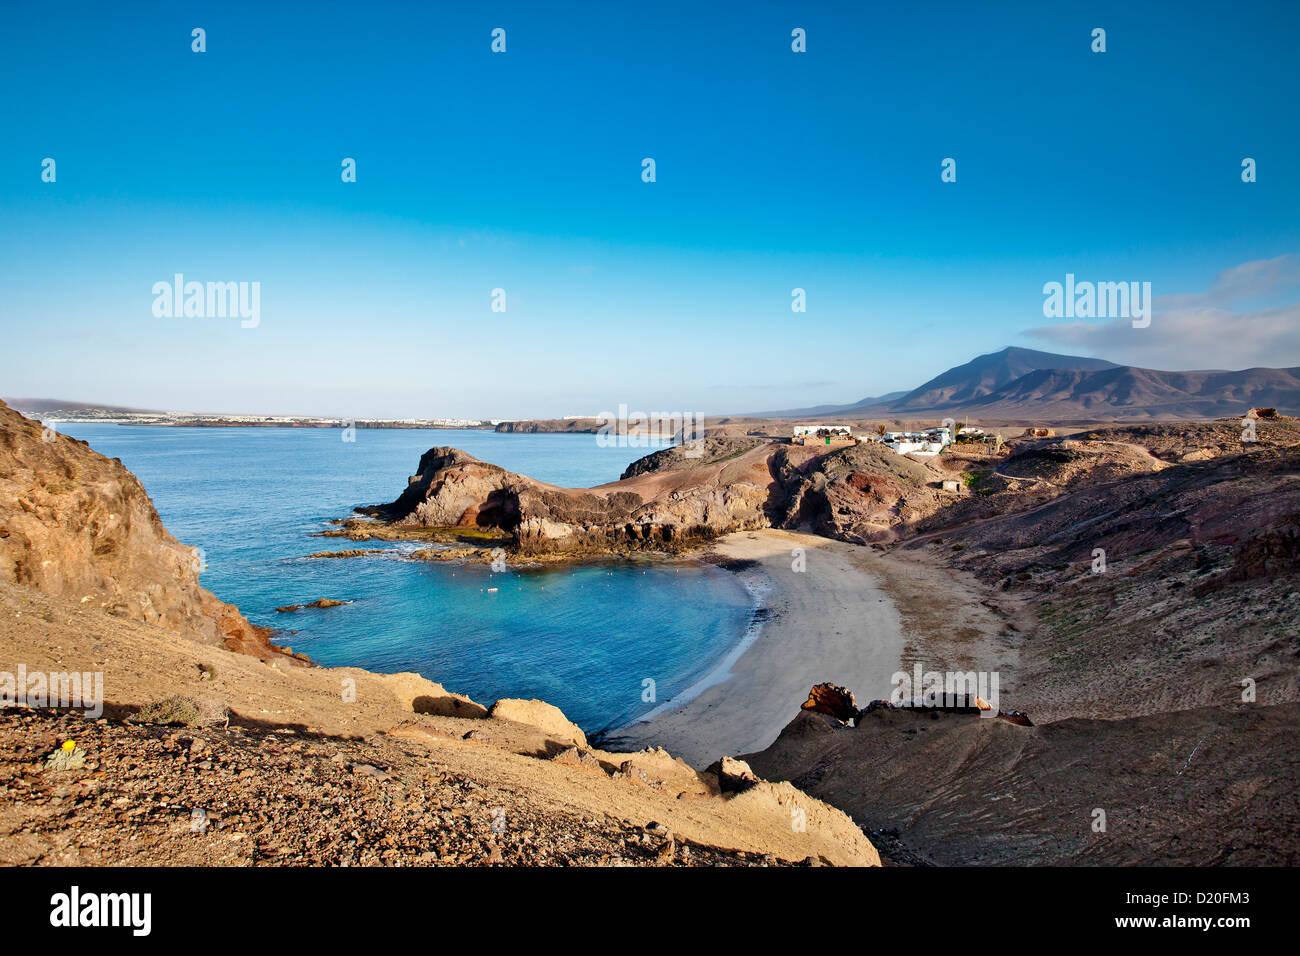 Playa Papagayo in einer Bucht, Lanzarote, Kanarische Inseln, Spanien, Europa Stockbild